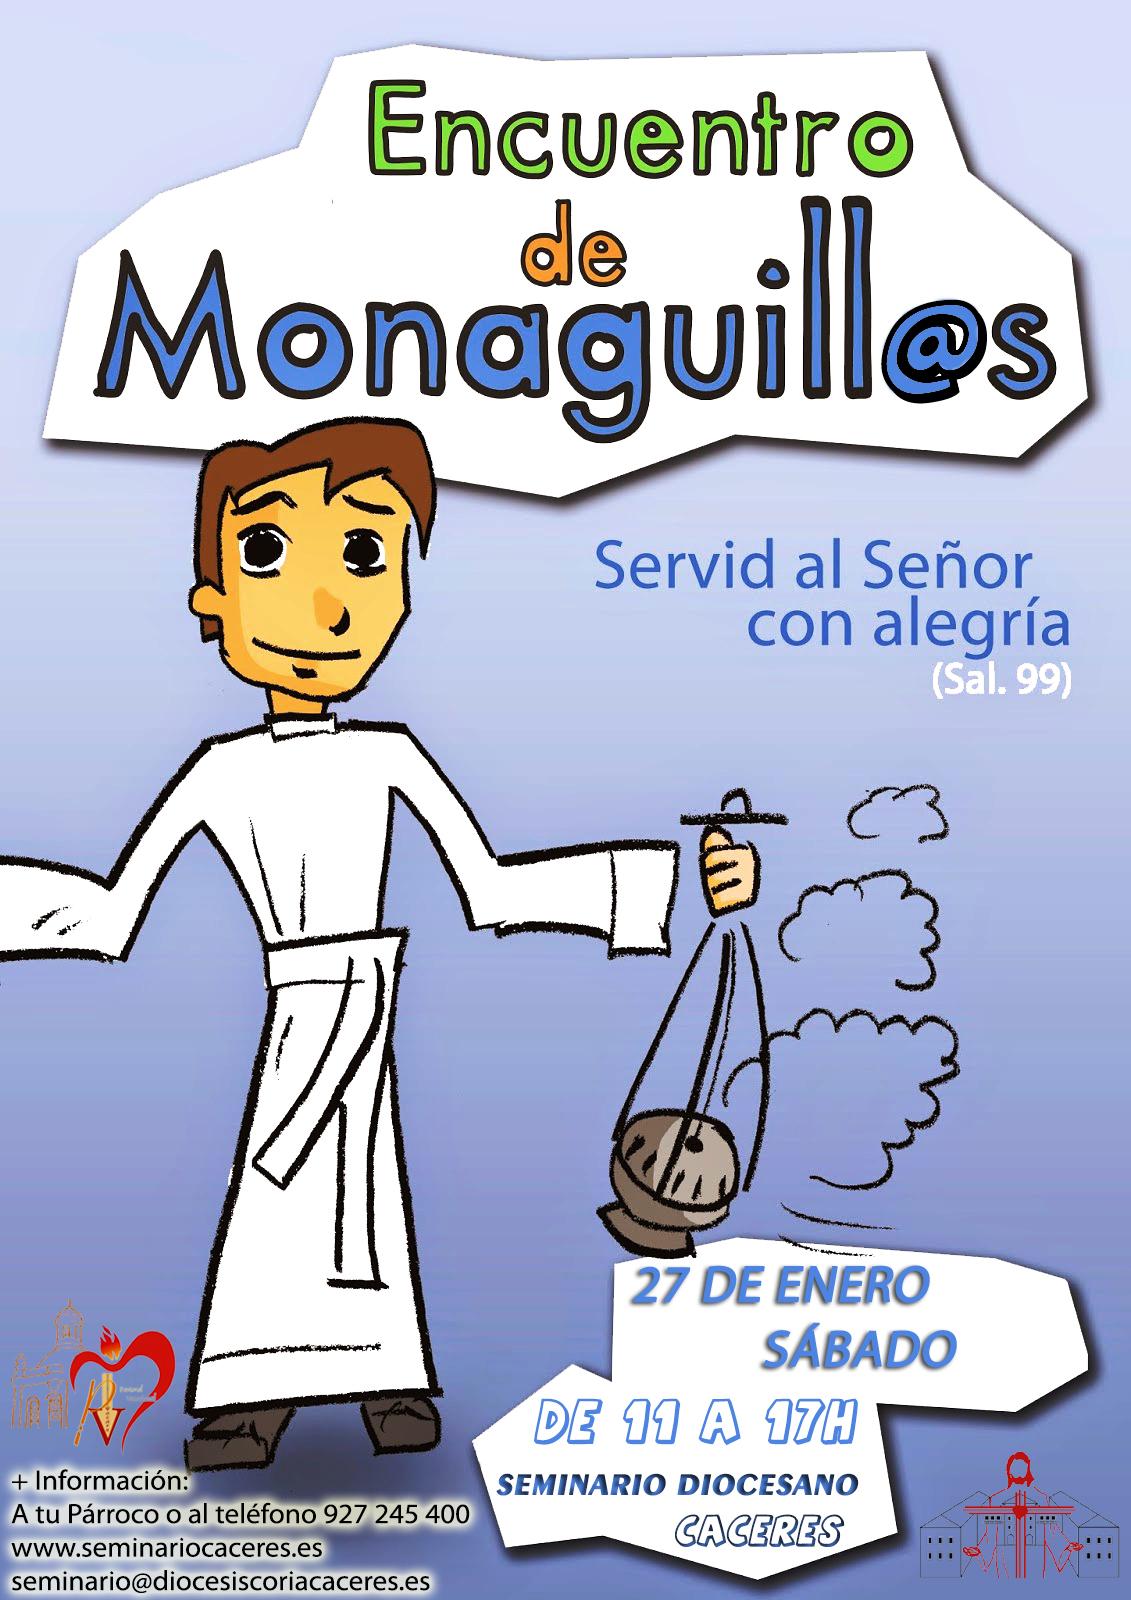 ENCUENTRO DE MONAGUILLOS